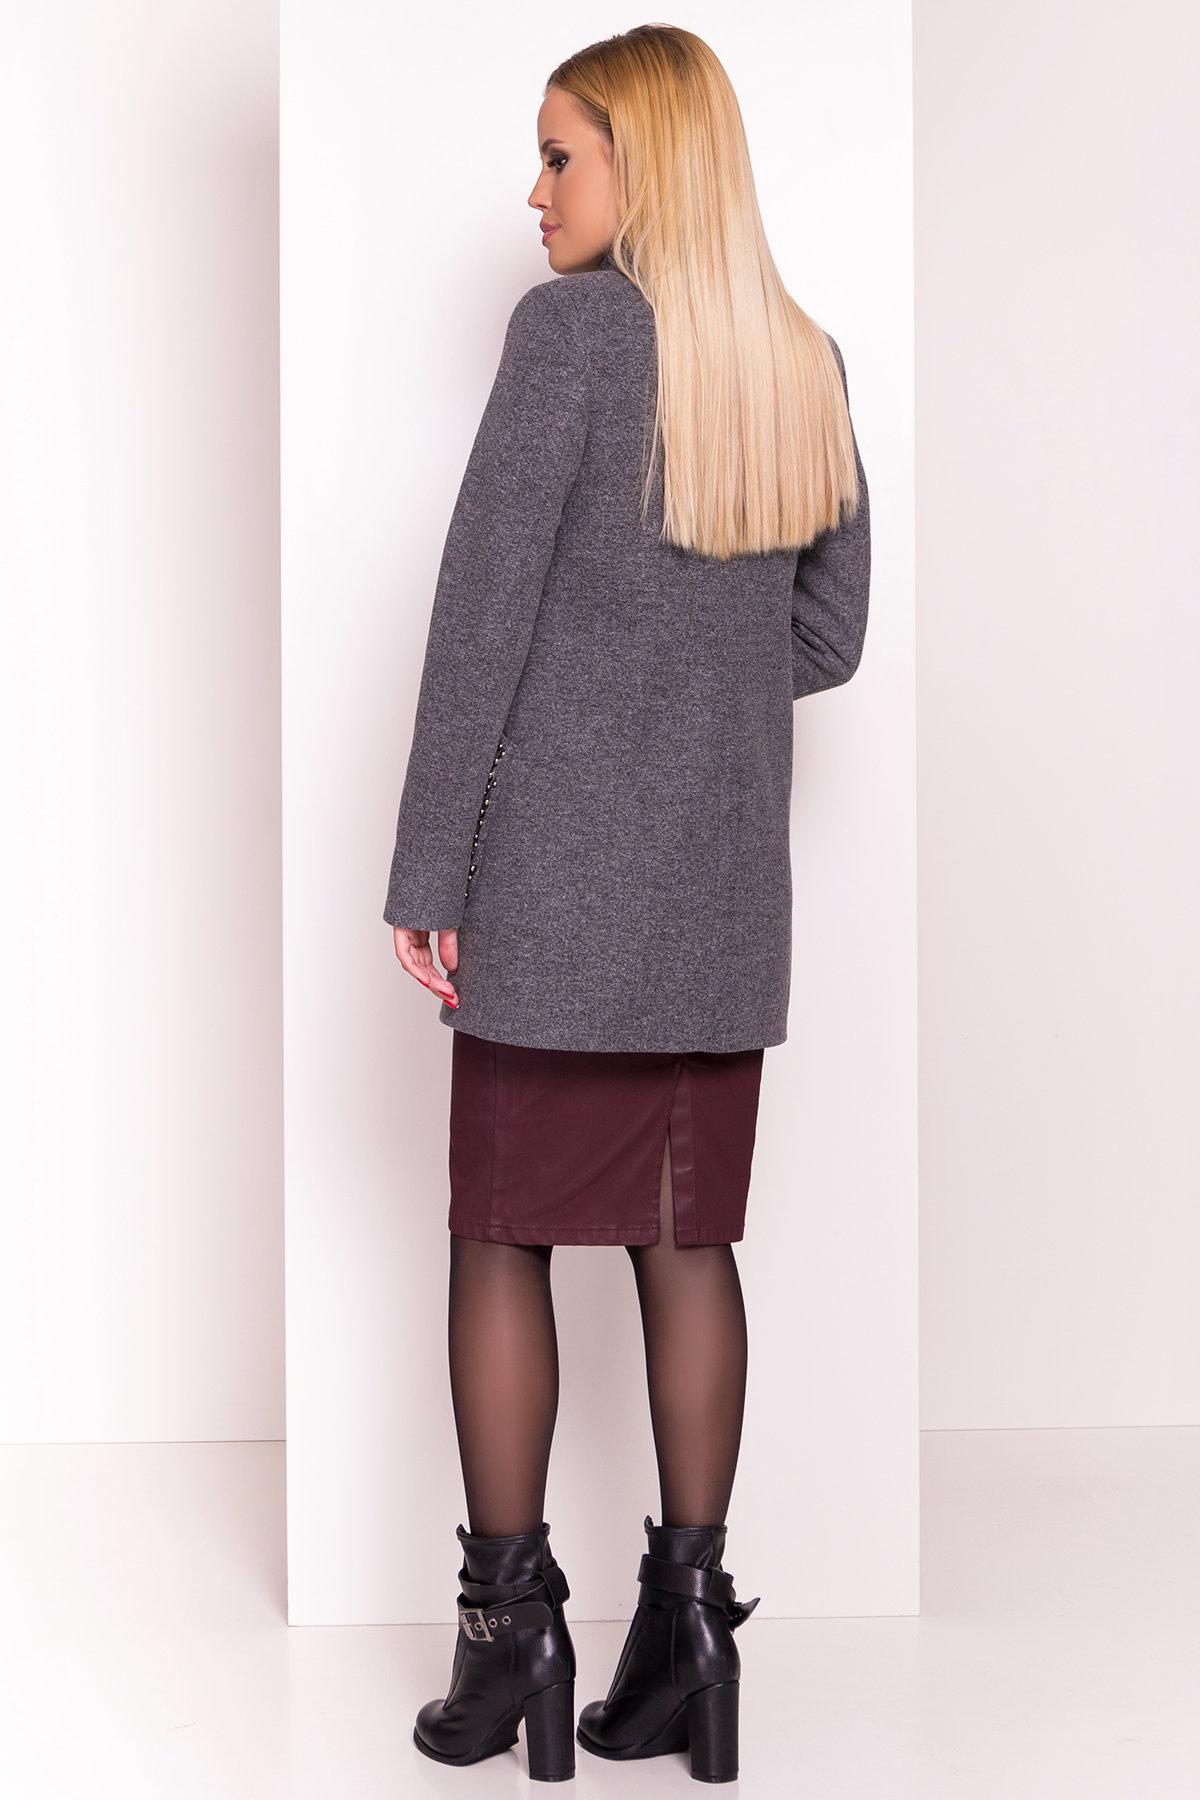 Пальто Даймон 5377 АРТ. 36741 Цвет: Серый Темный - фото 4, интернет магазин tm-modus.ru